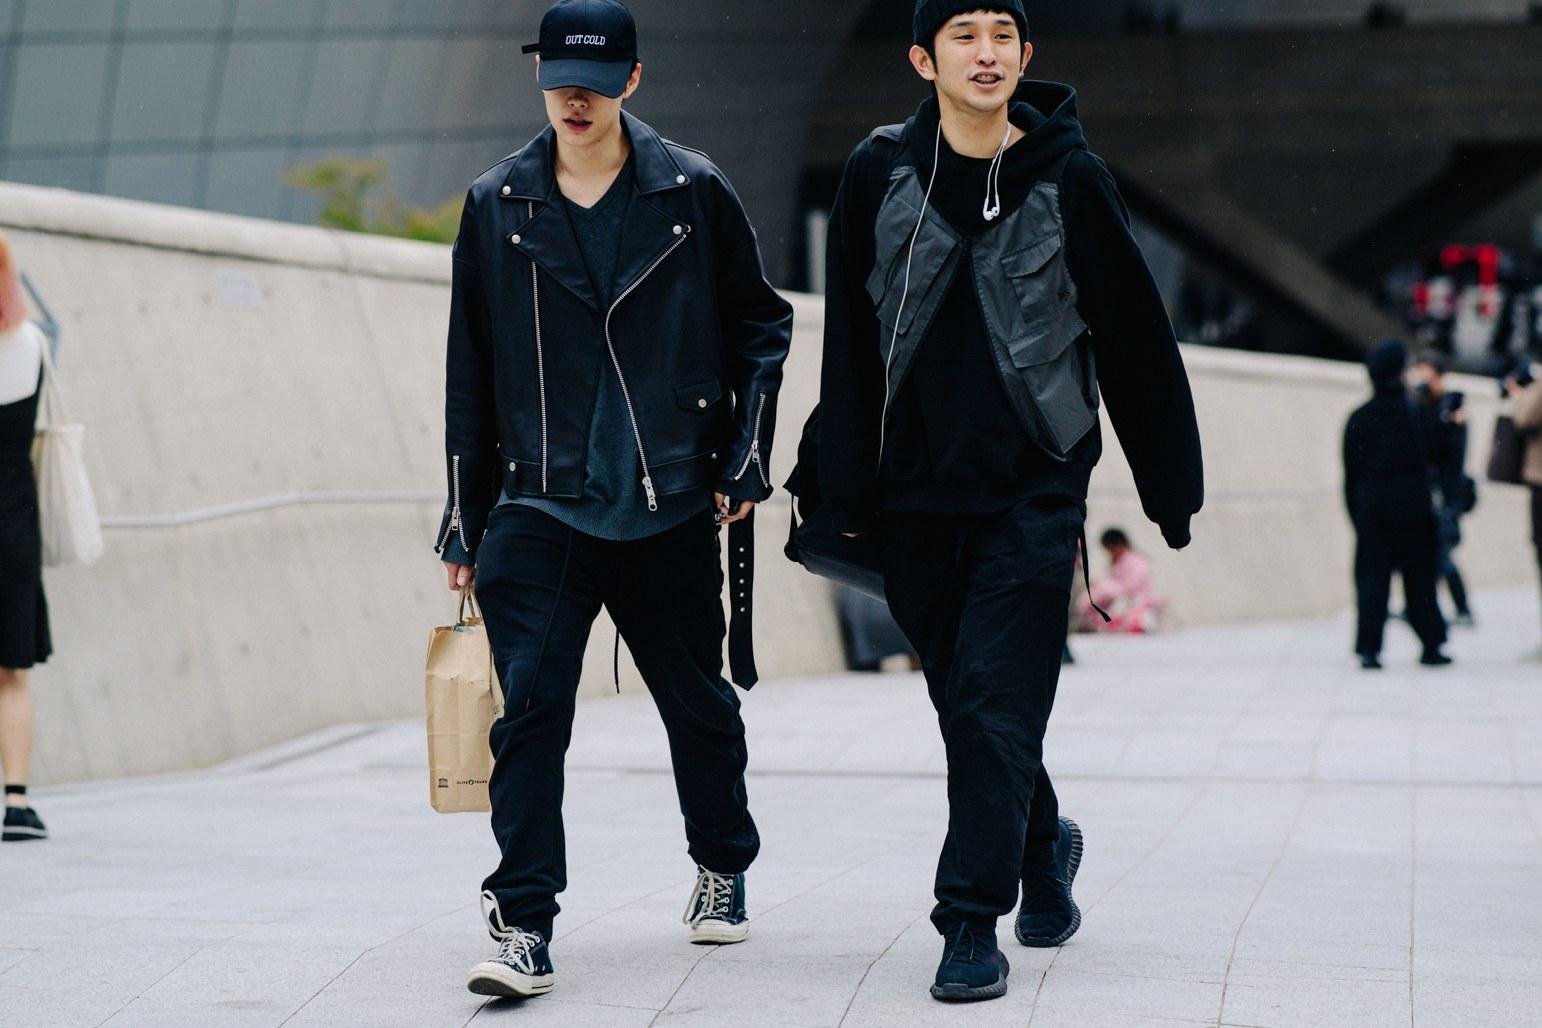 Seoul Fashion Week: Riêng về street style, giới trẻ Hàn nào có thua kém các ngôi sao nổi tiếng - Ảnh 17.